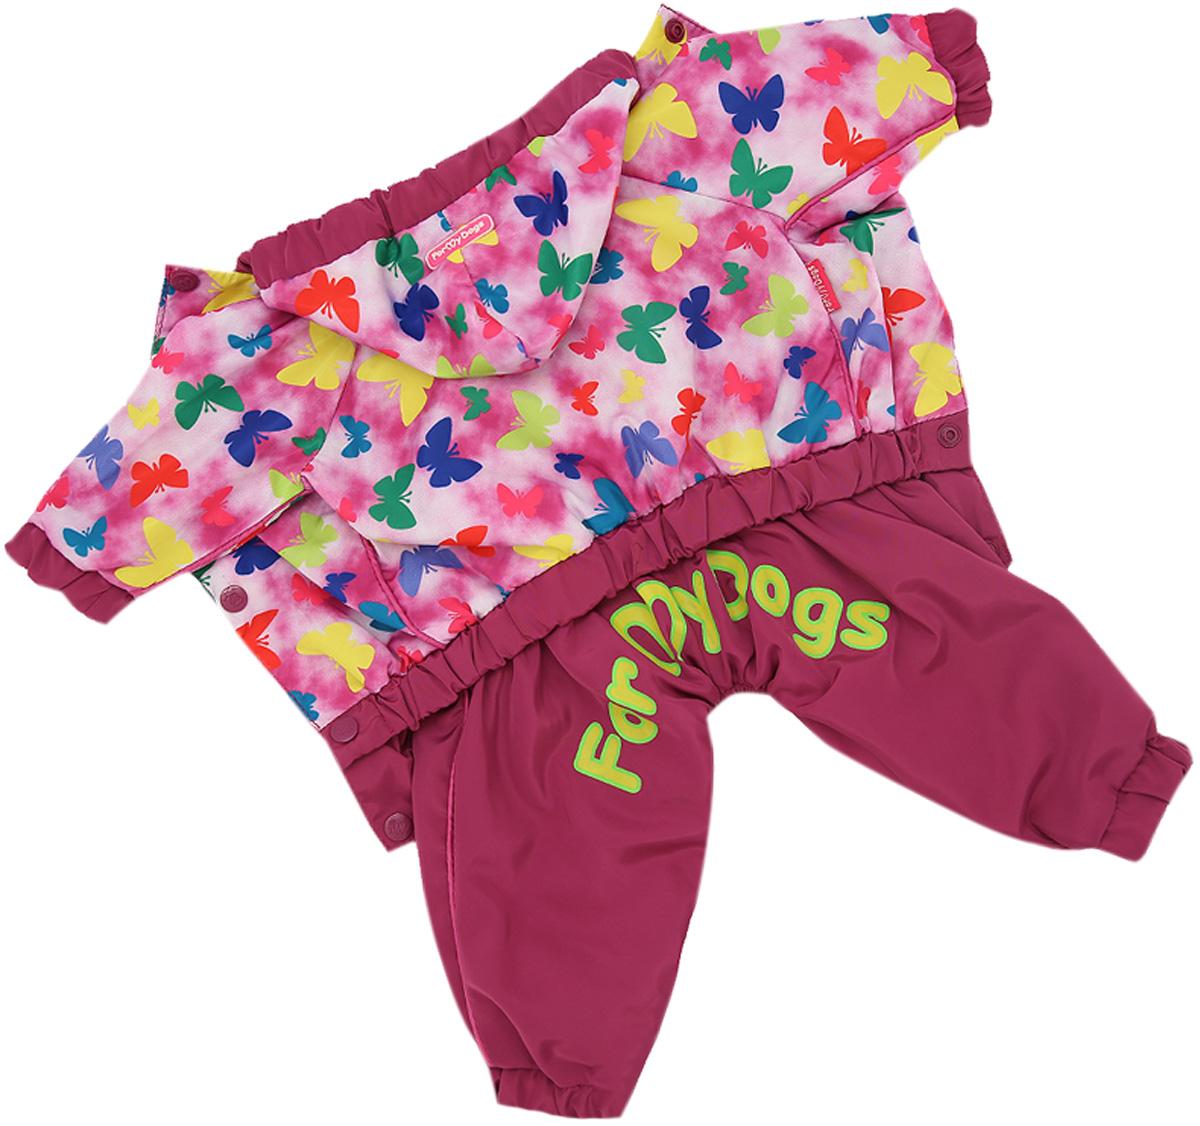 For My Dogs дождевик для собак розовый для девочек 442ss-2020 F (16)